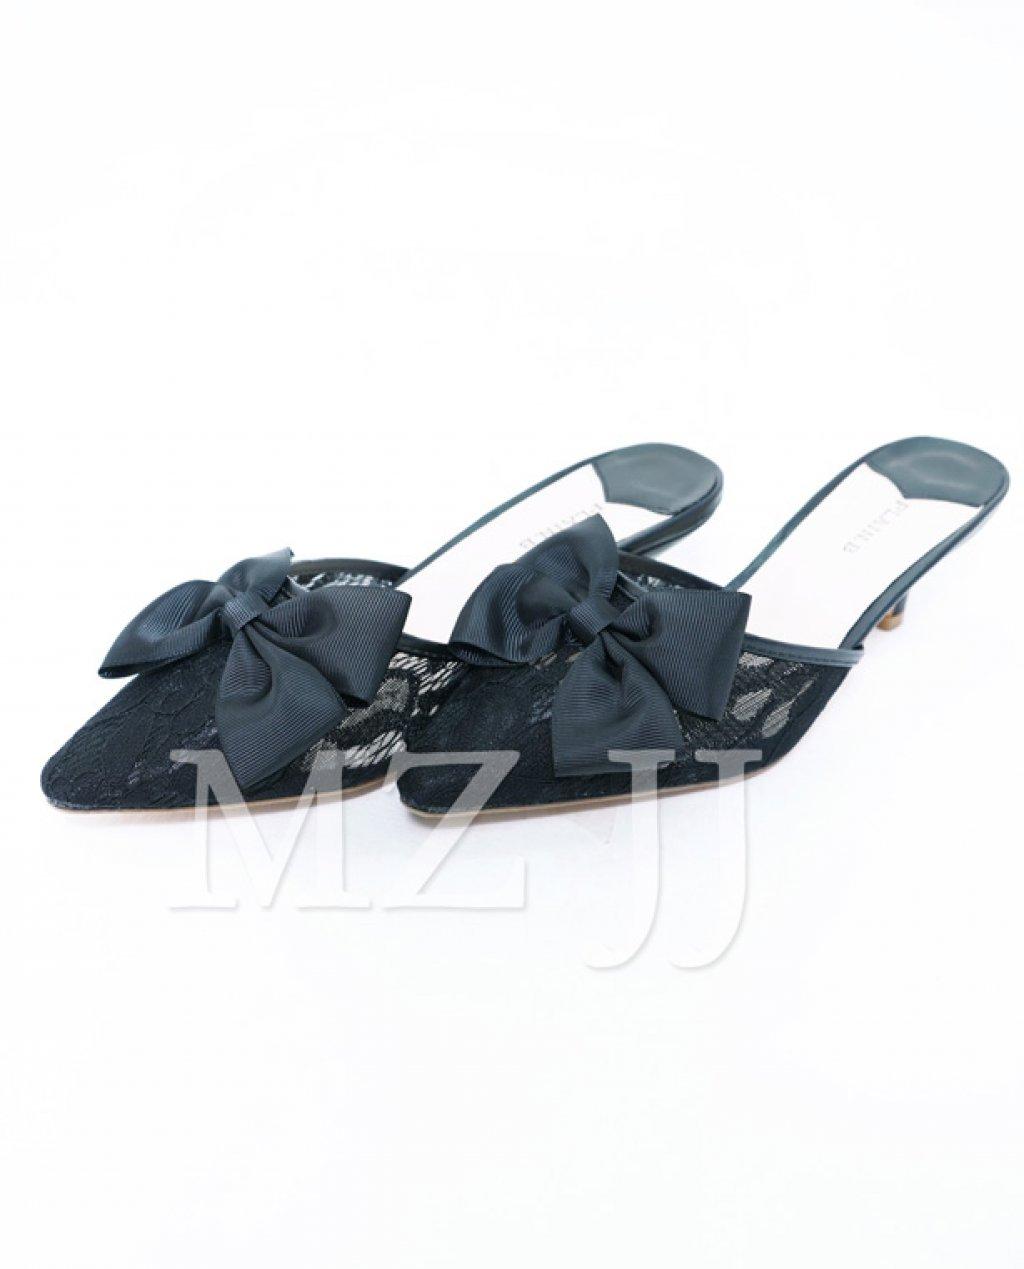 SD10117BK Sandals